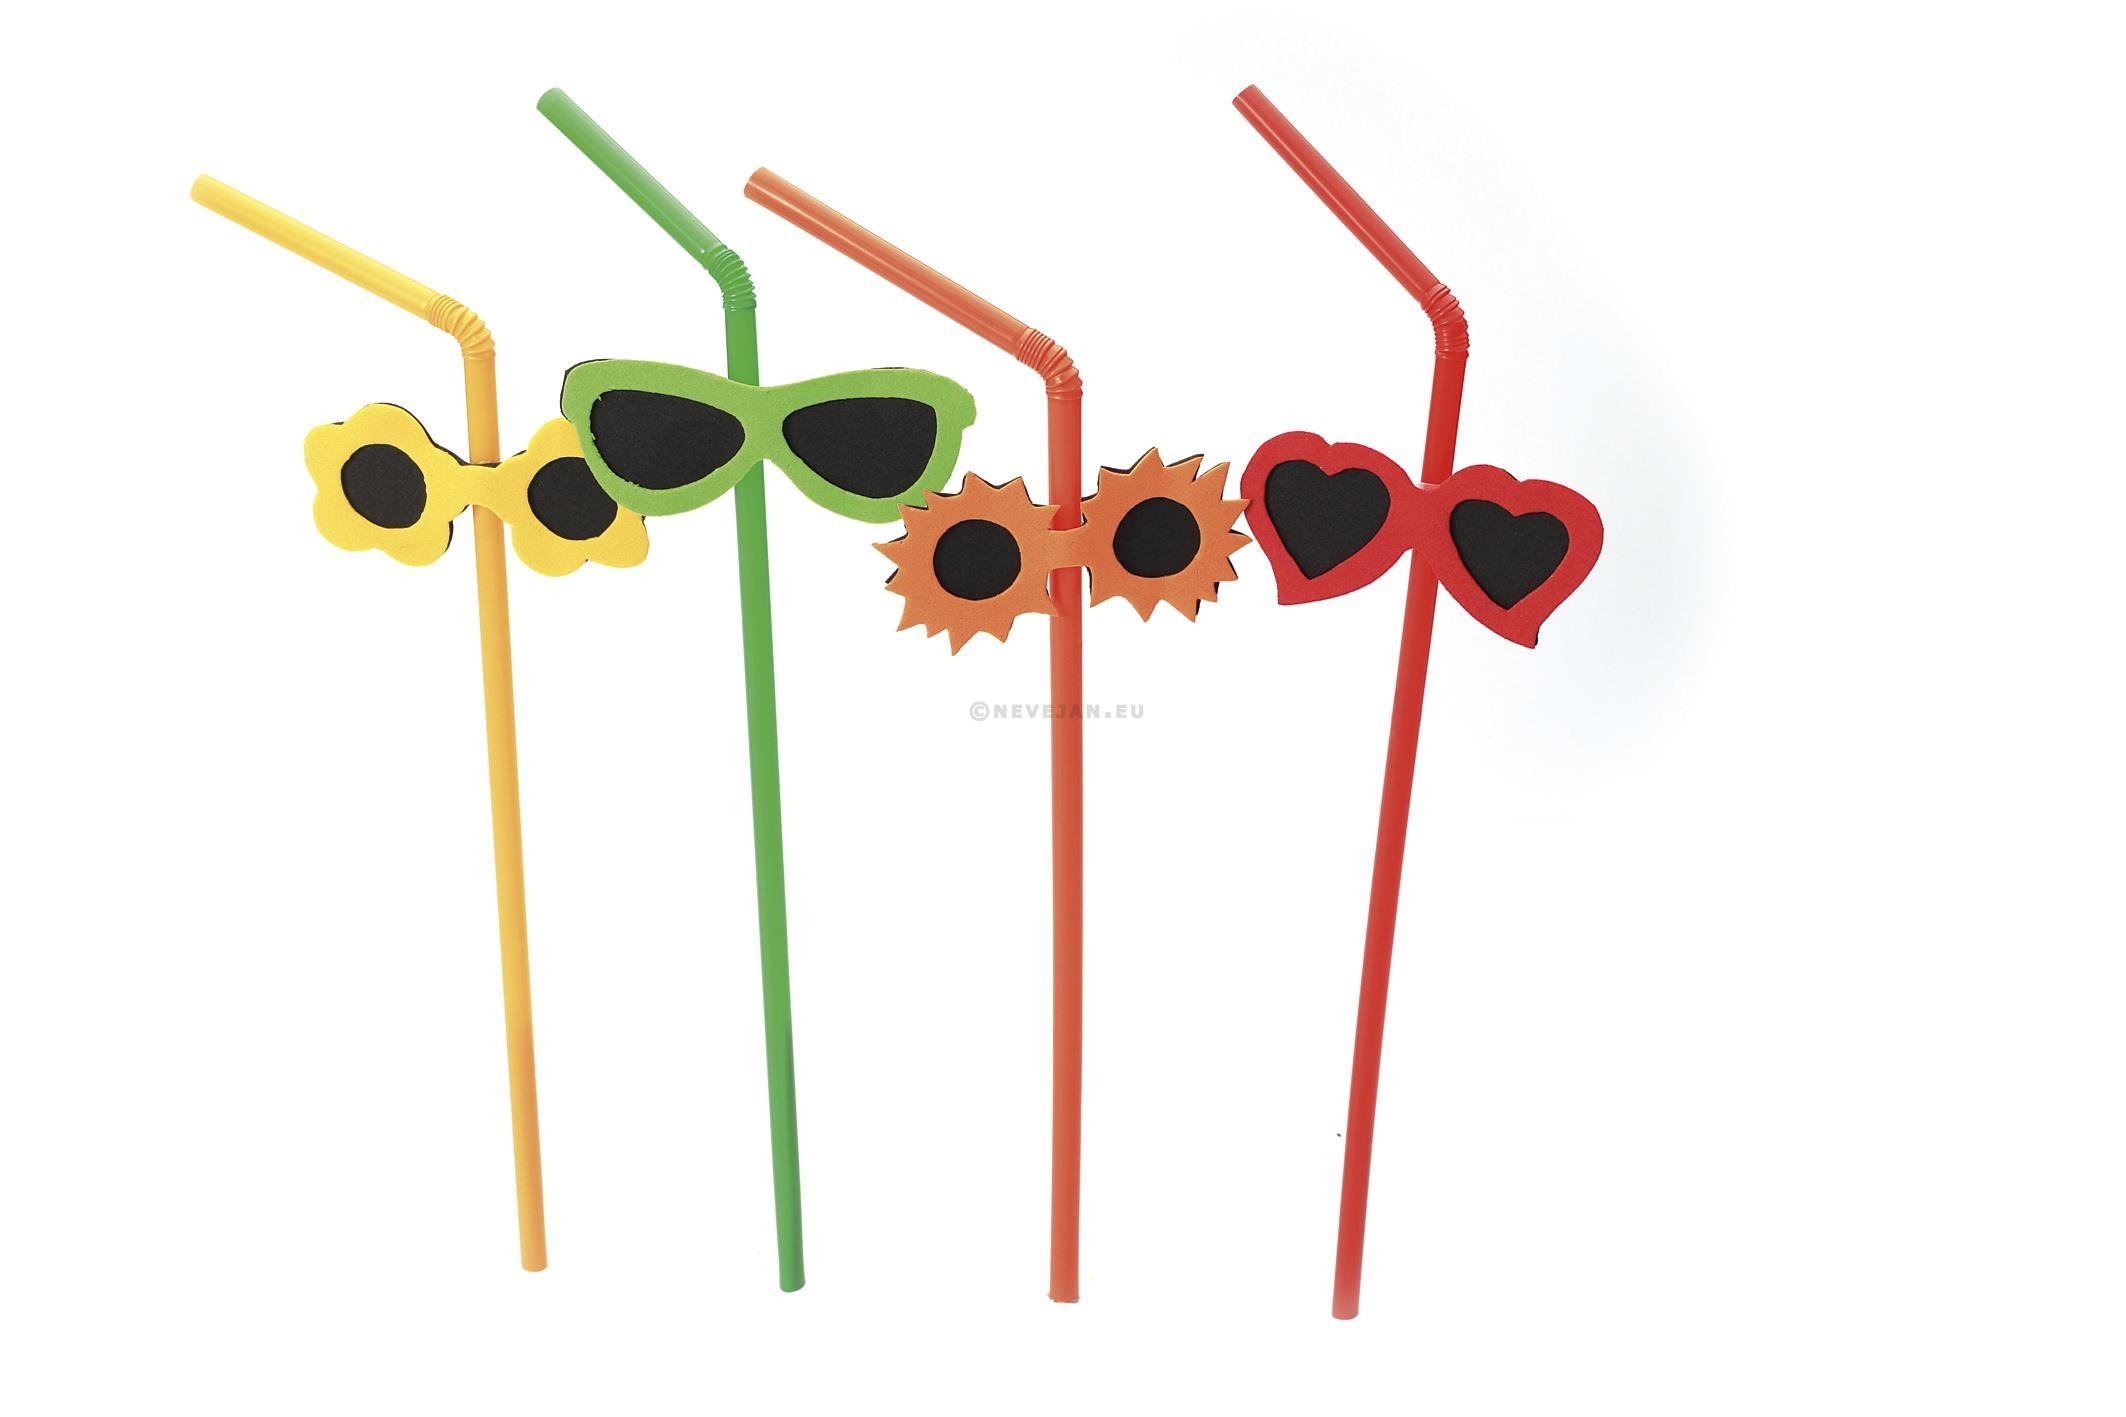 Buigrietje met zonnebril 5mm 24cm 100st 24008 Sier Disposables